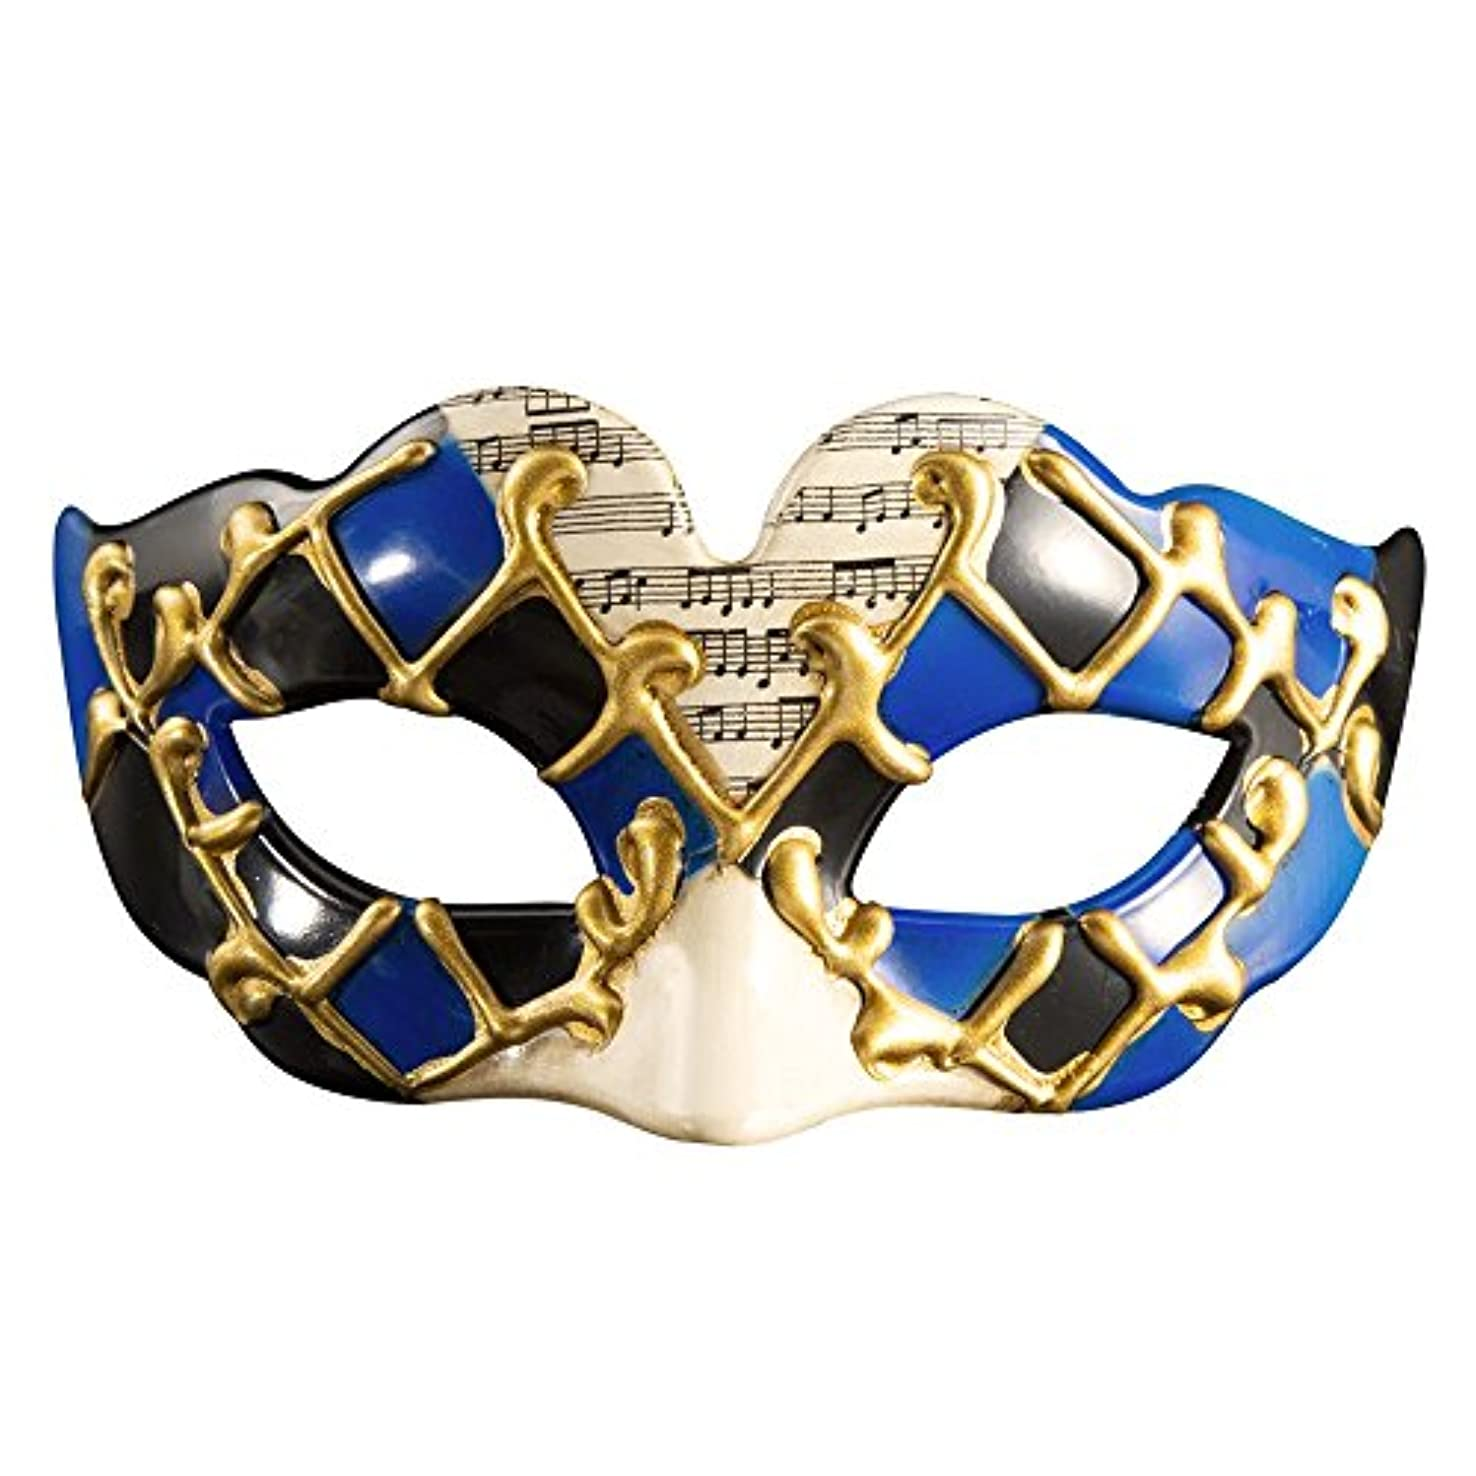 レビューベル囚人クリエイティブキッズハーフフェイスハロウィンマスクパーティー新しいファンシードレスボールマスク (Color : #1)